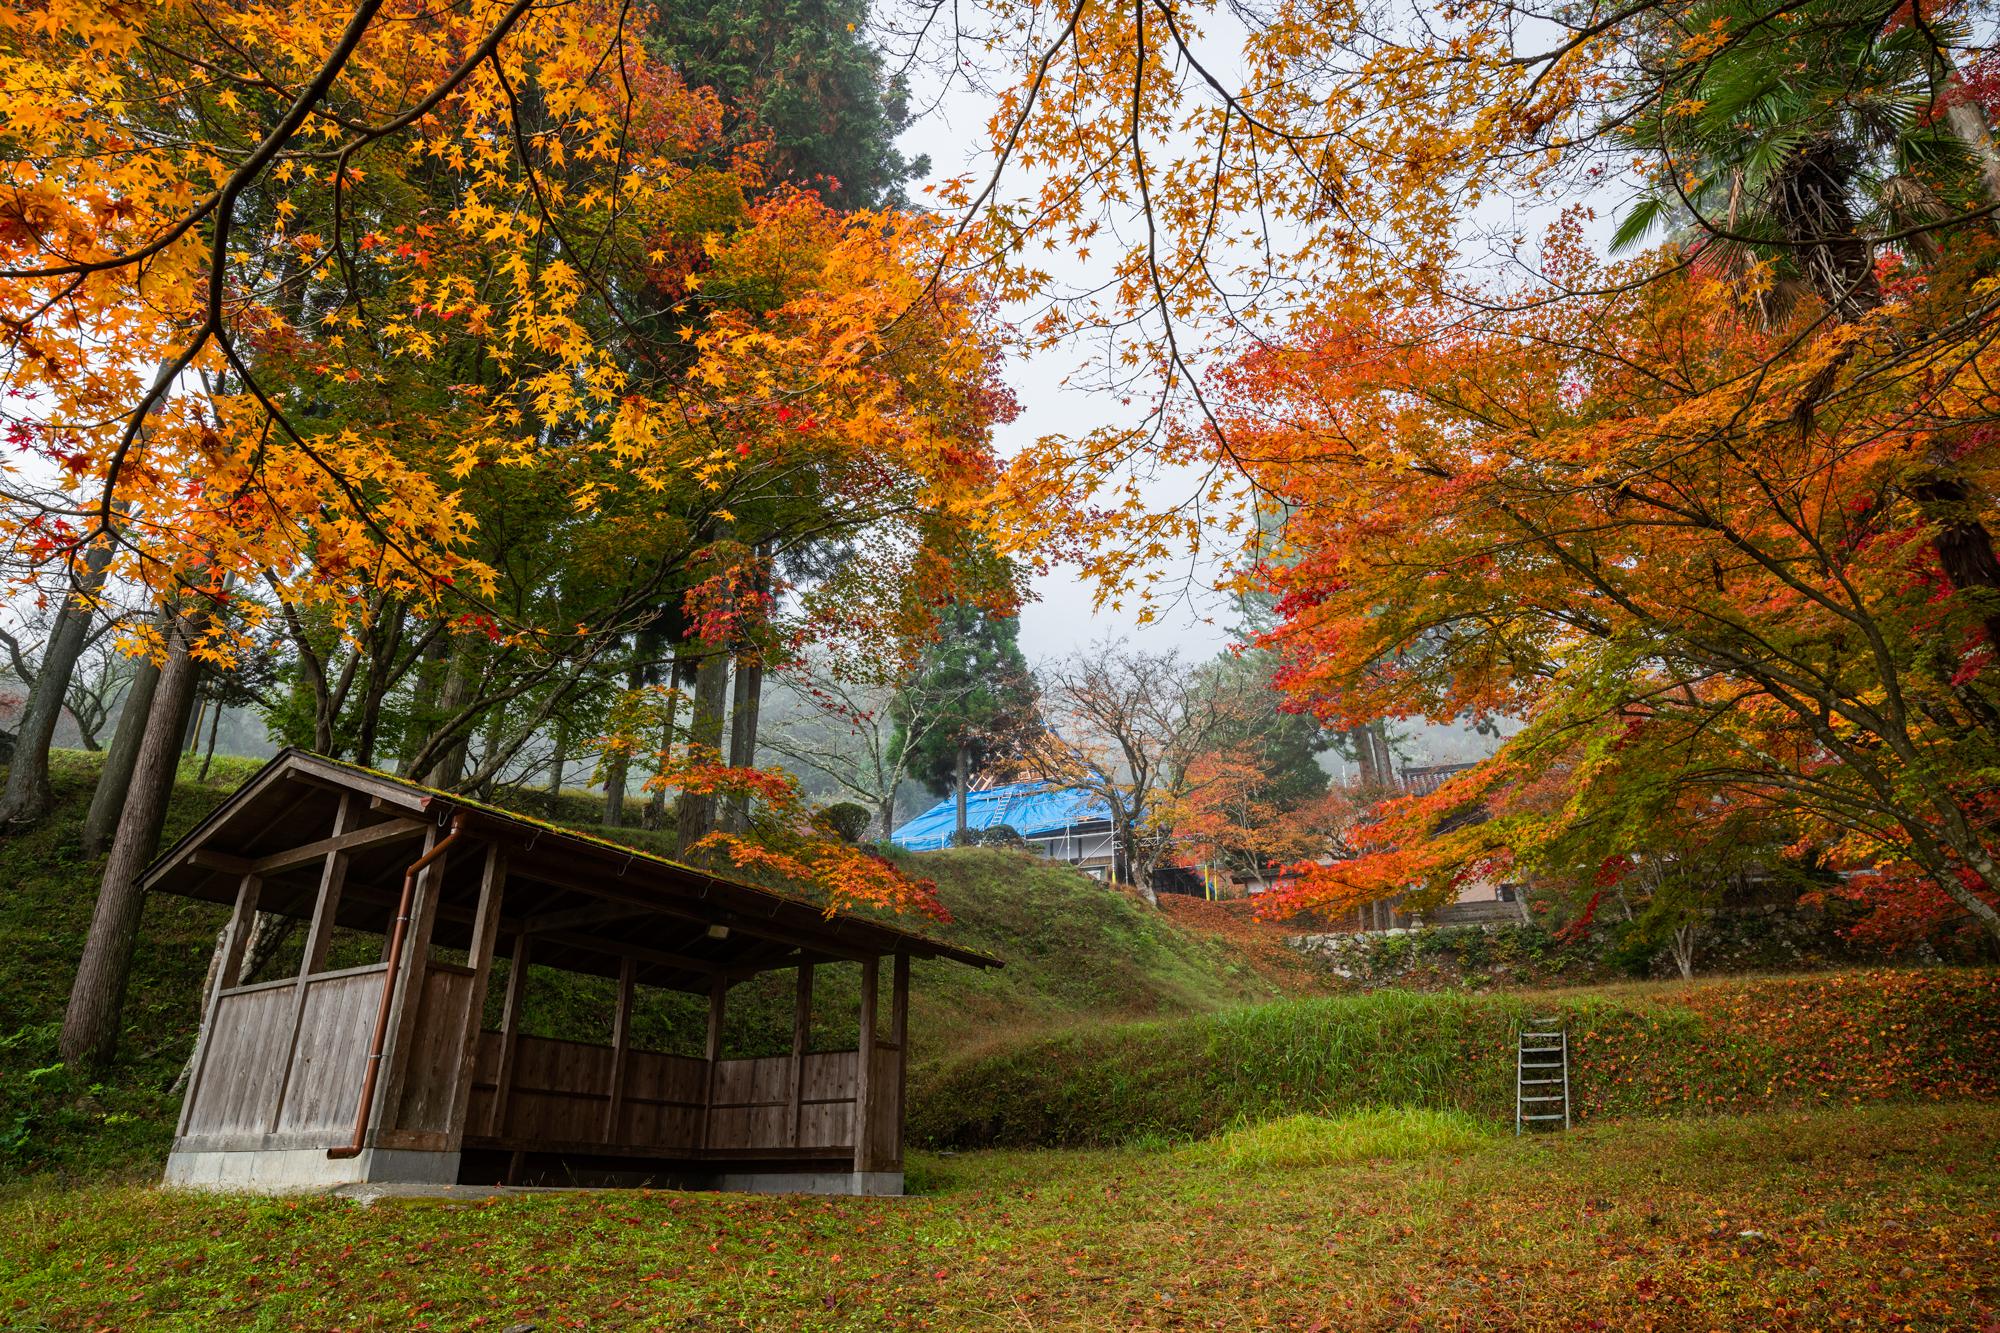 NIKON-CORPORATION_NIKON-D85021355-1 京都  龍穏寺 Kyoto Ryoonji temple( 2019年 京都の秋、南丹市にある境内へ続く紅葉のトンネルが美しいおすすめの写真スポット・アクセス情報・駐車場・交通手段など!)